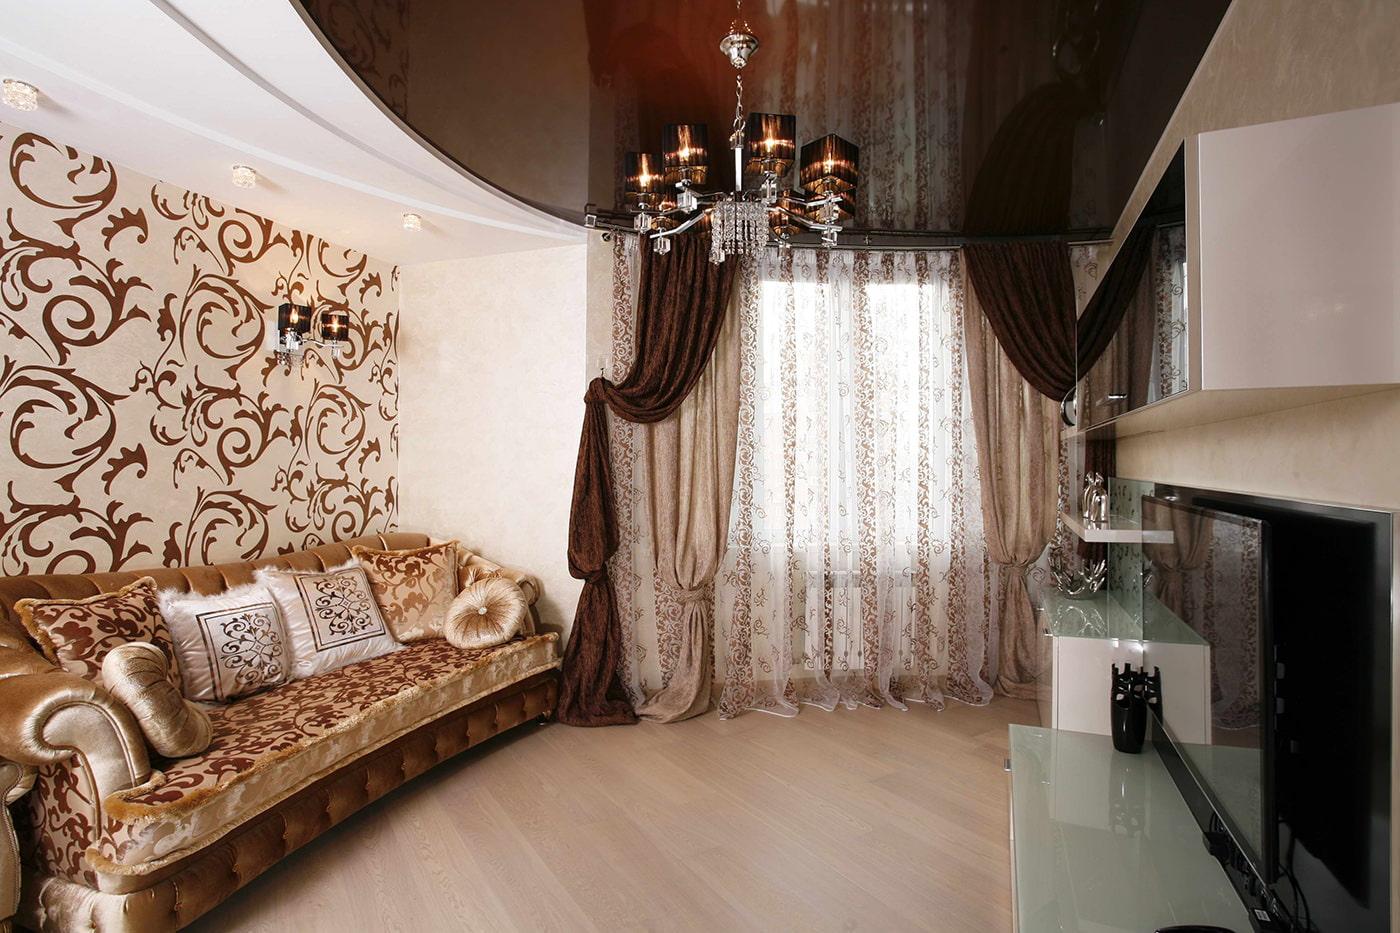 rideaux à l'intérieur du salon